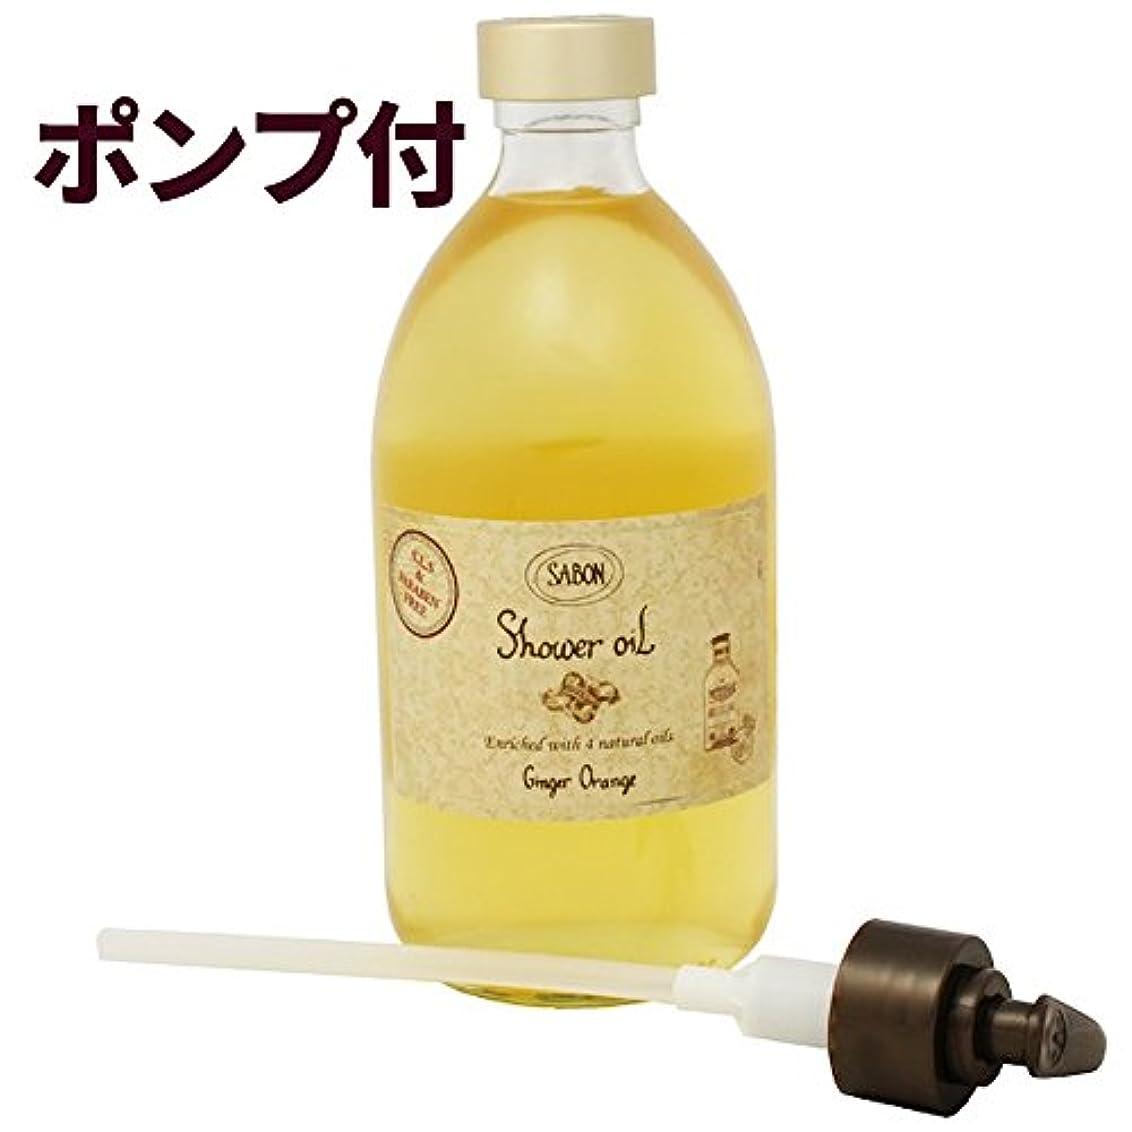 警報しない昆虫サボン シャワーオイル ジンジャーオレンジ 500ml(並行輸入品)